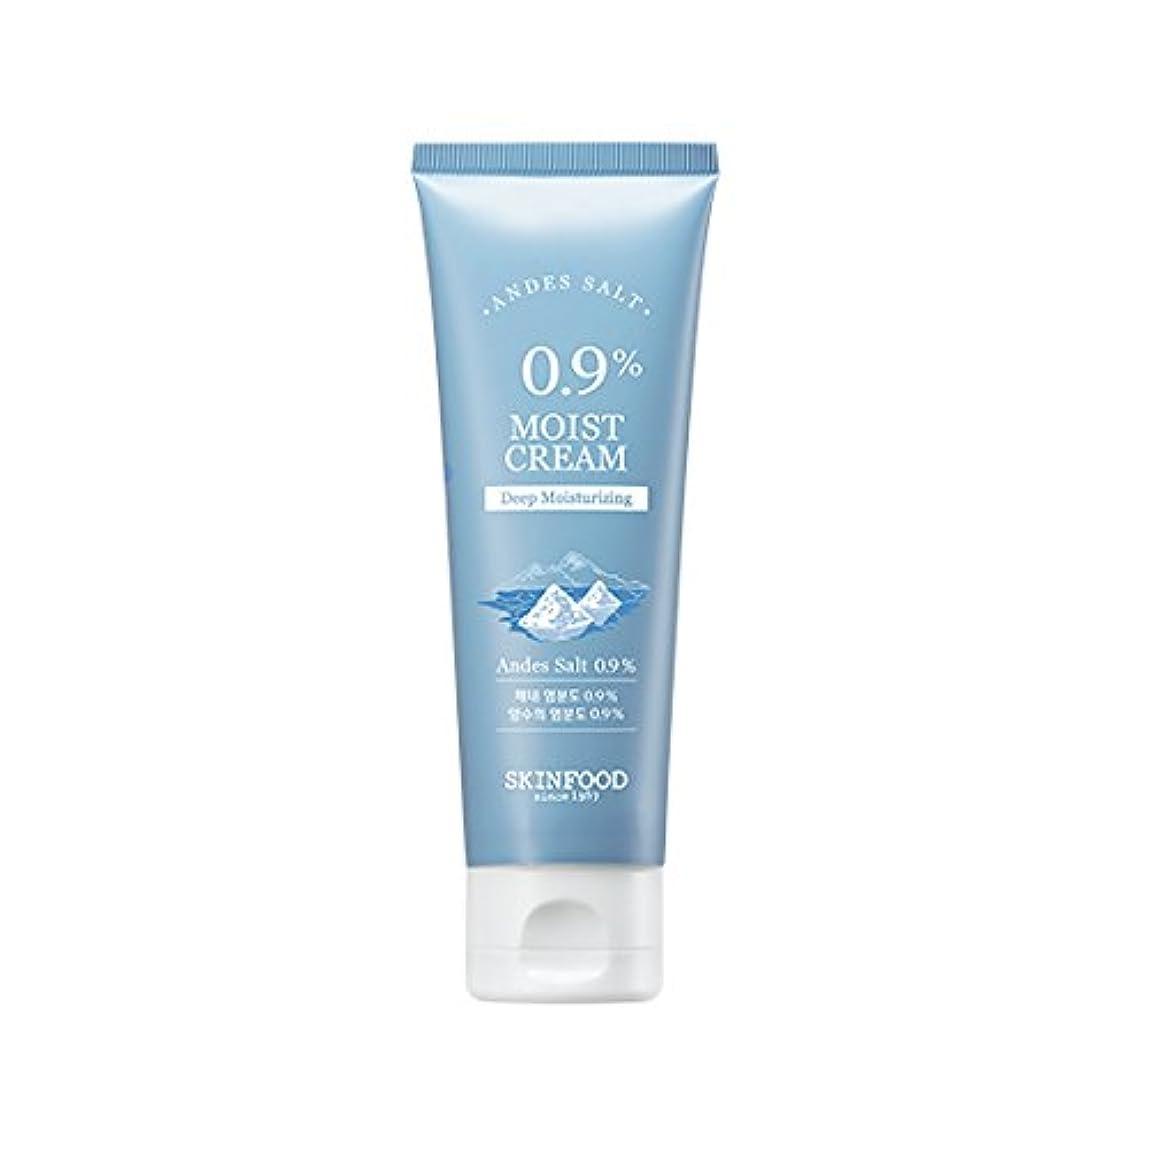 クロール同僚月曜日Skinfood 0.9モイストクリーム / 0.9 Moist Cream 100ml [並行輸入品]